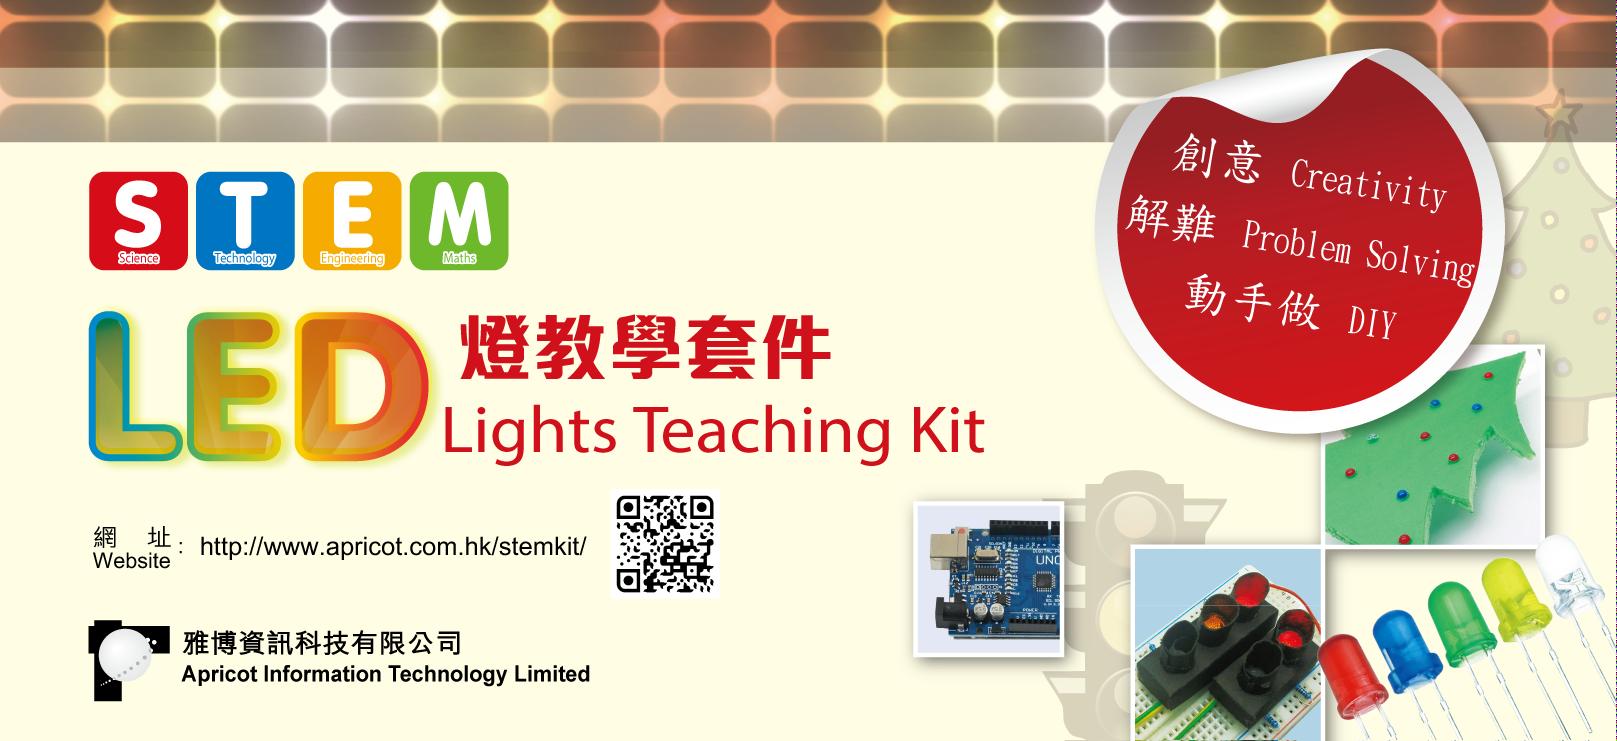 STEM LED燈教學套件 創意 解難 動手做 DIY